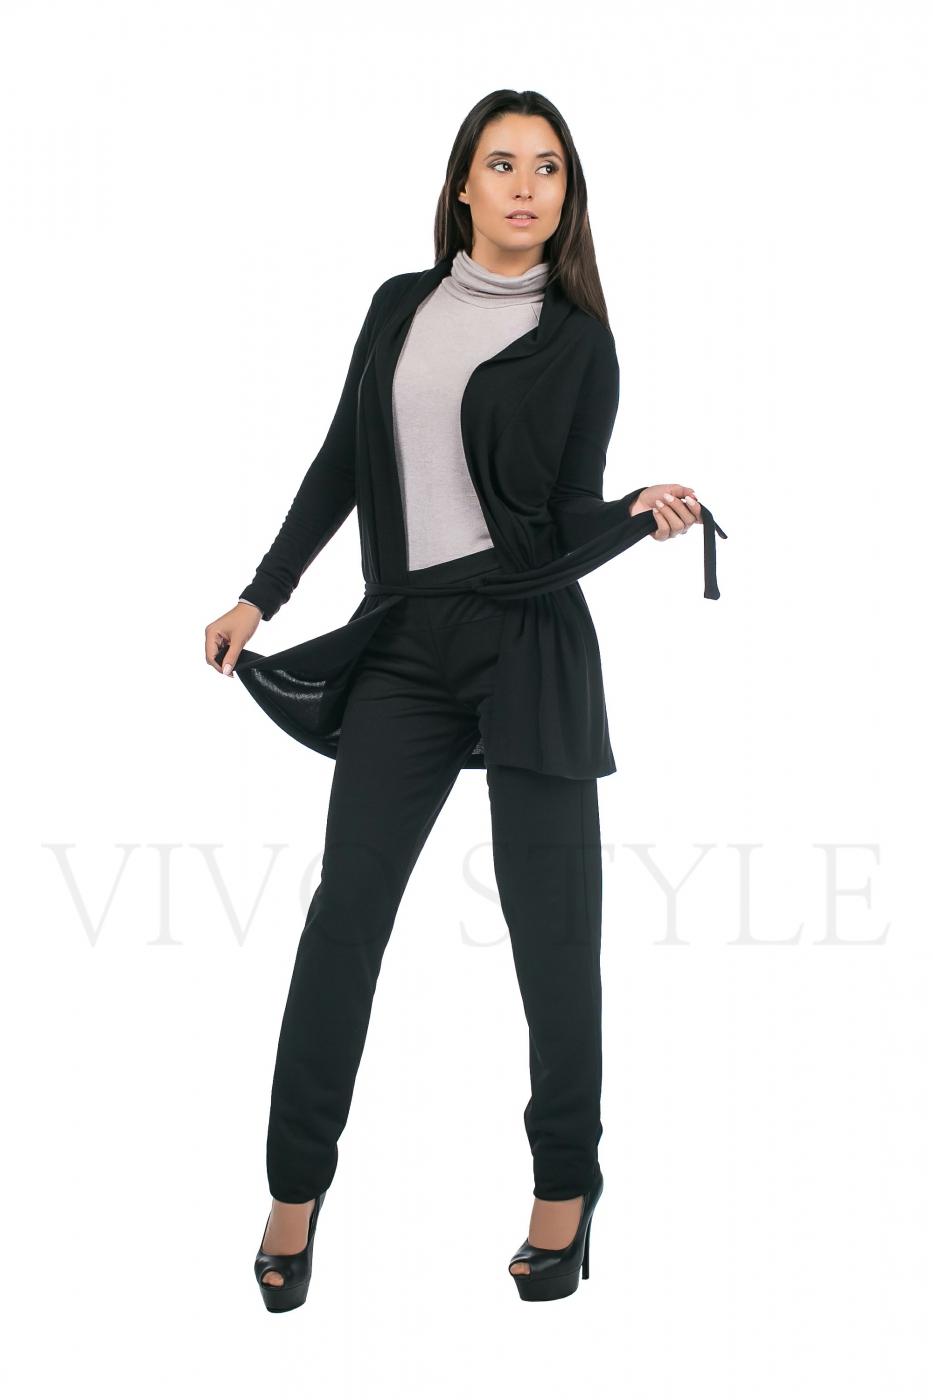 Тёплые женские брюки в комплете с теплым кардиганом